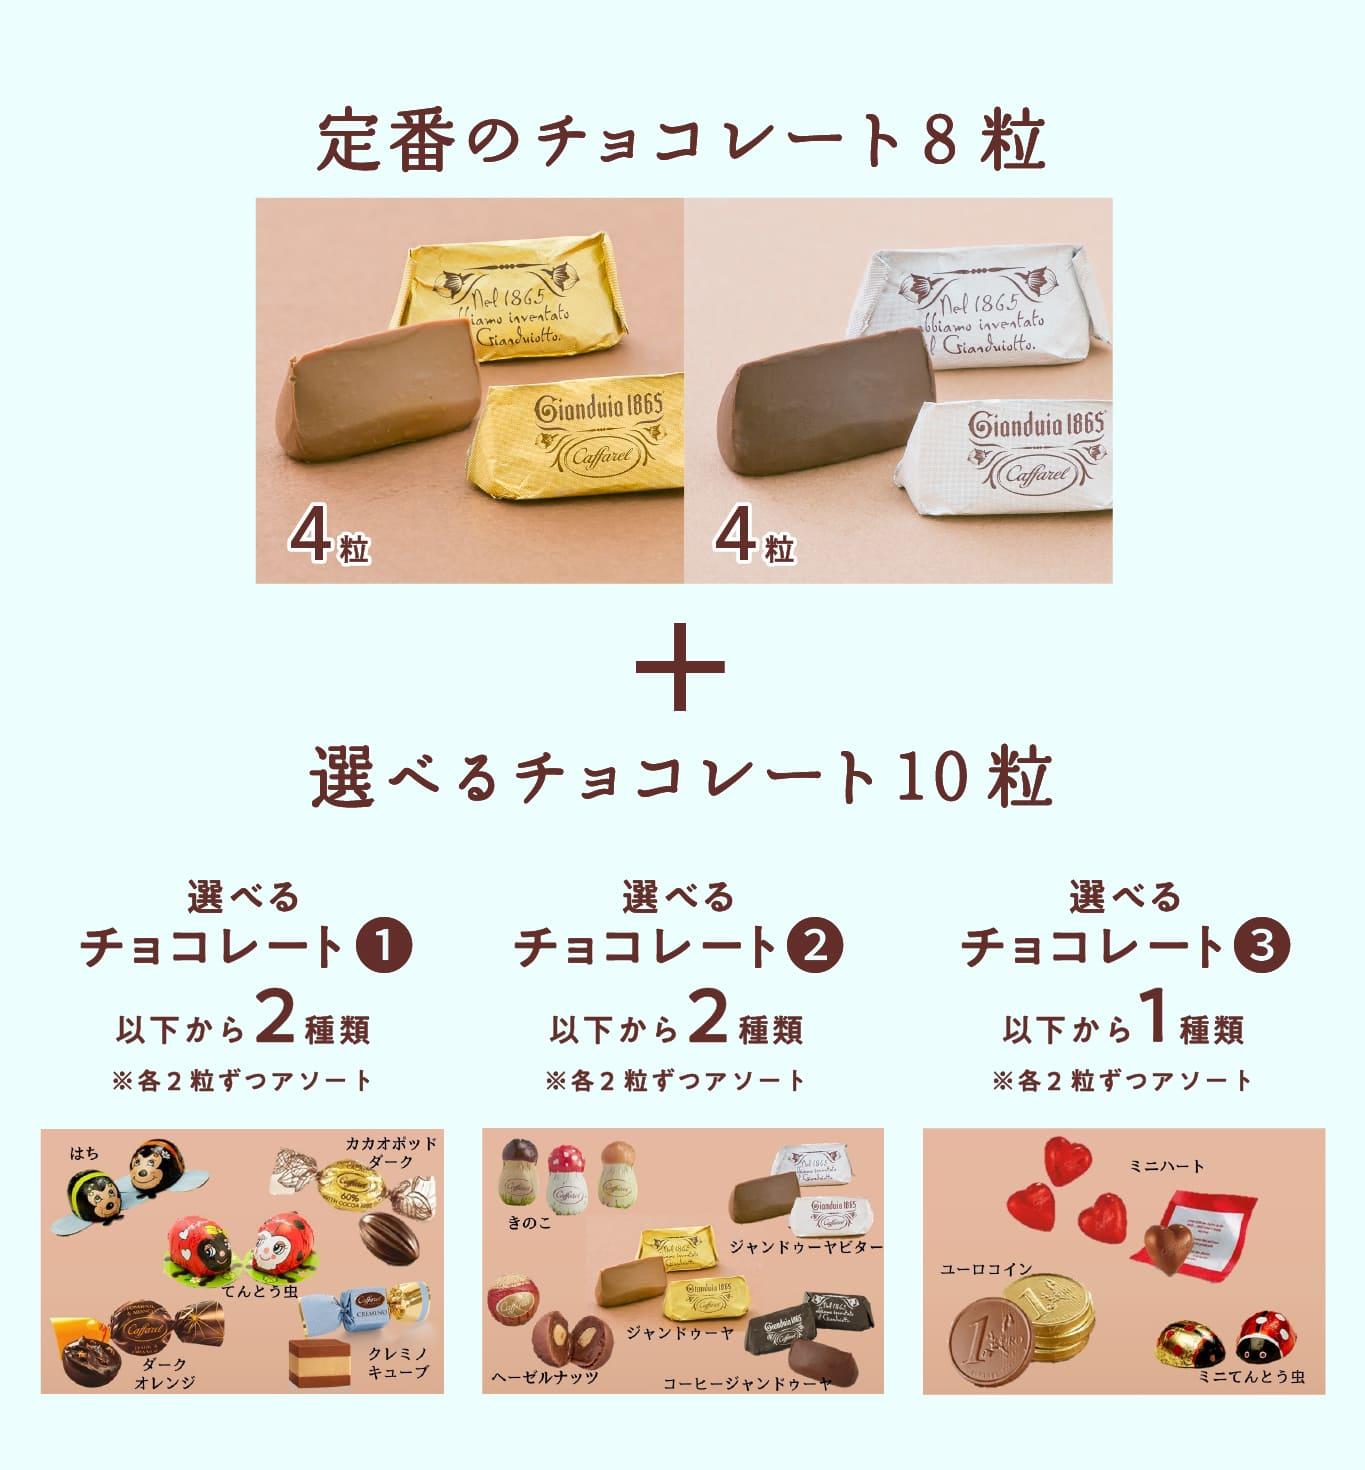 オリジナルチョコレートの選び方